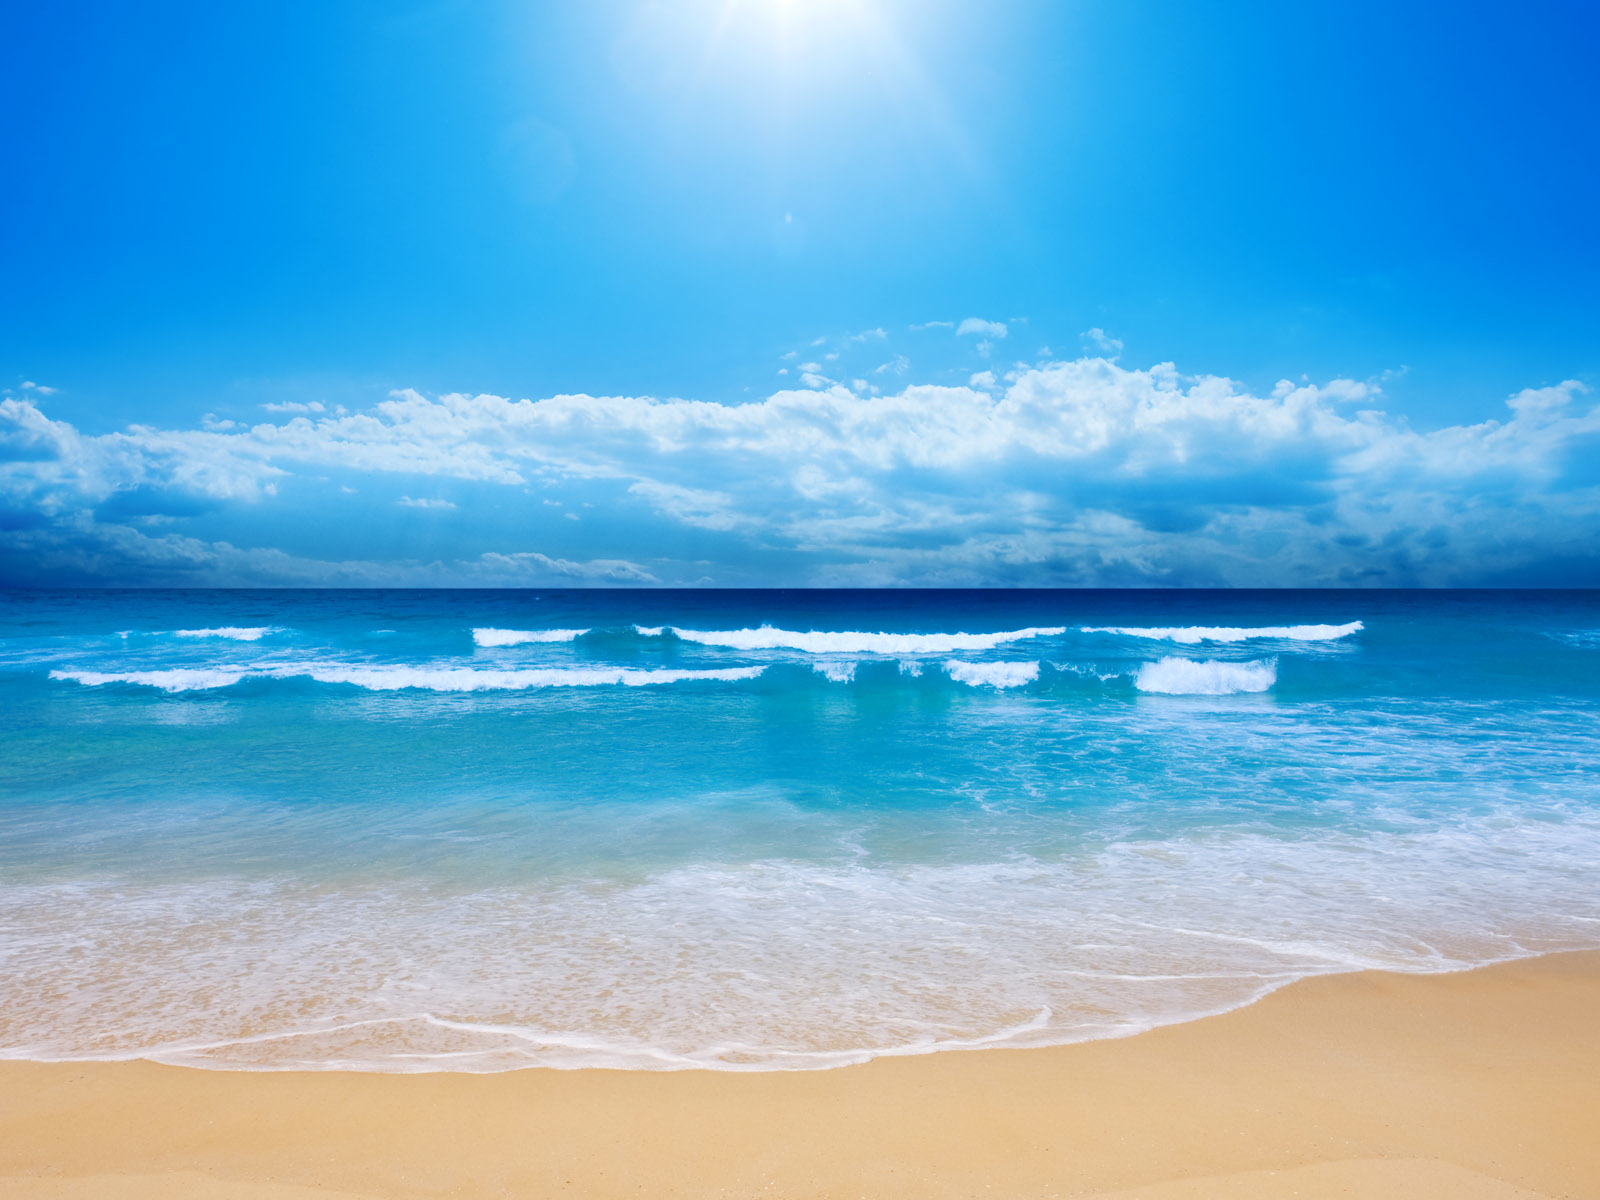 15 Imágenes de Playas fotos HD de Playas bonitas